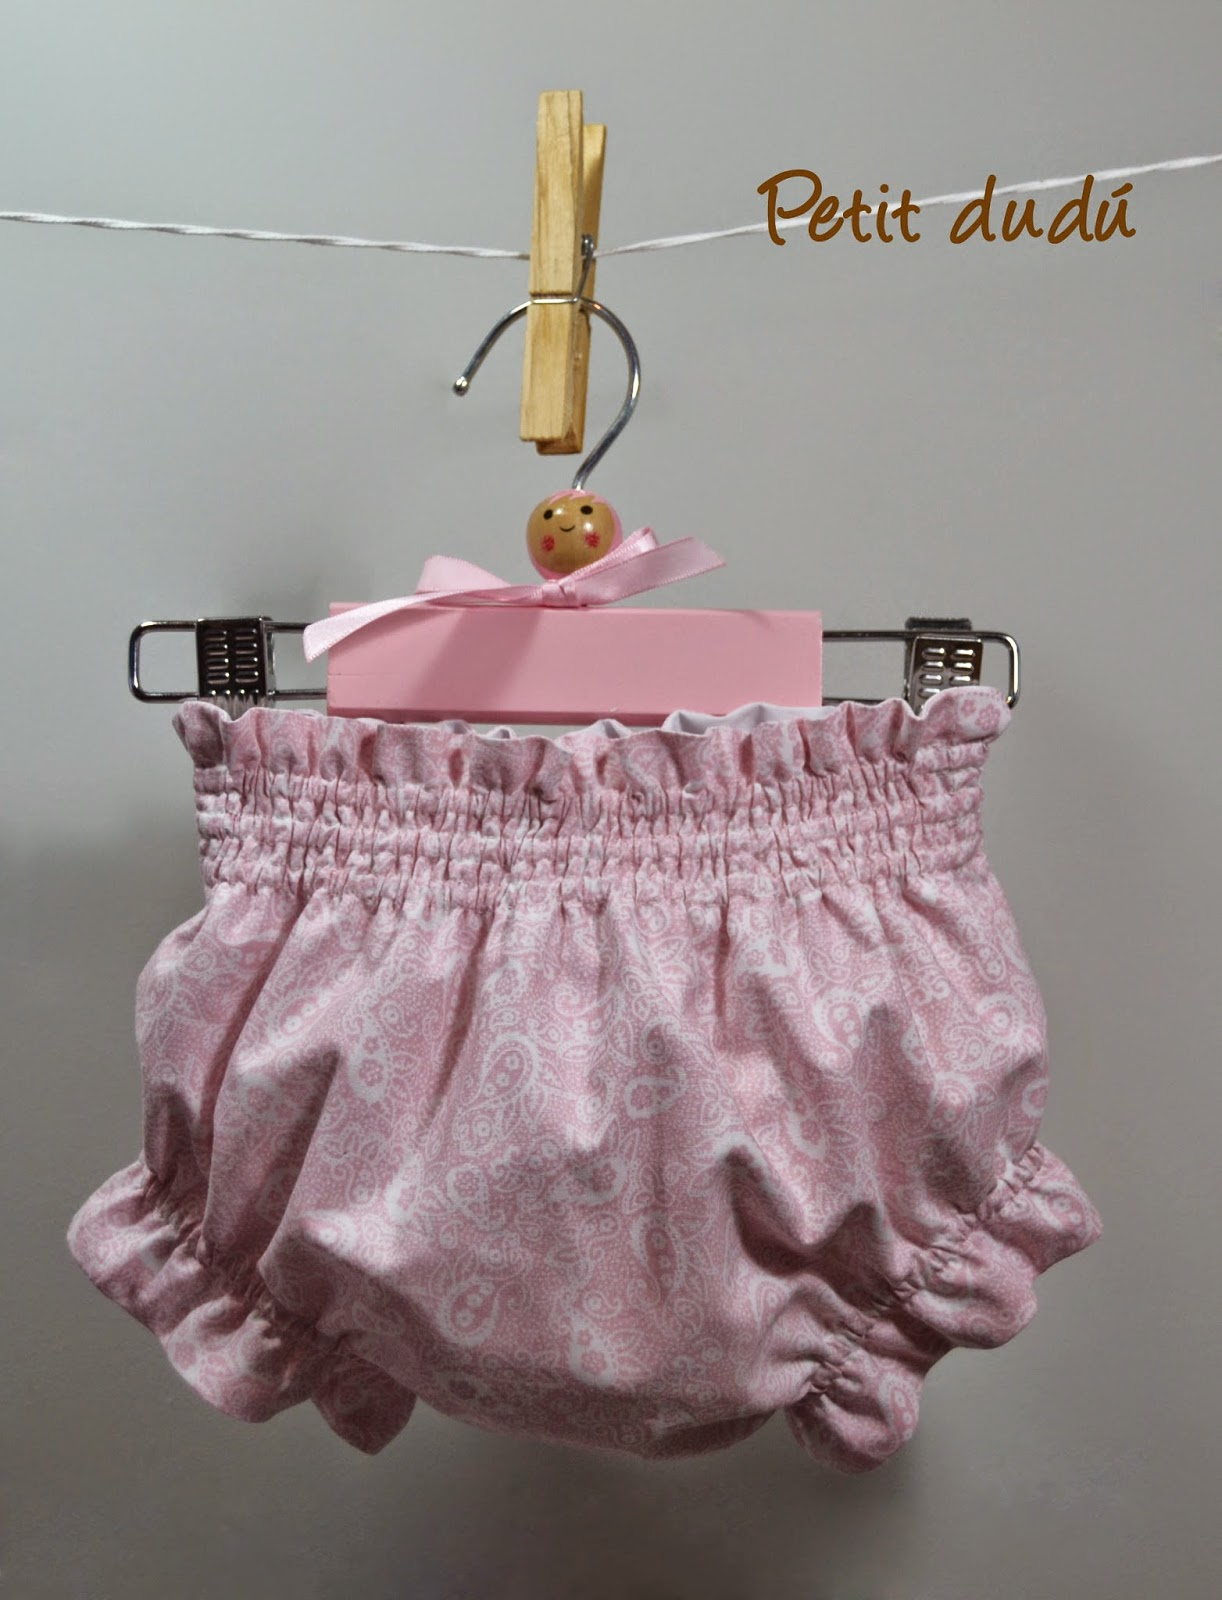 cubrepañal rosa petitdudu